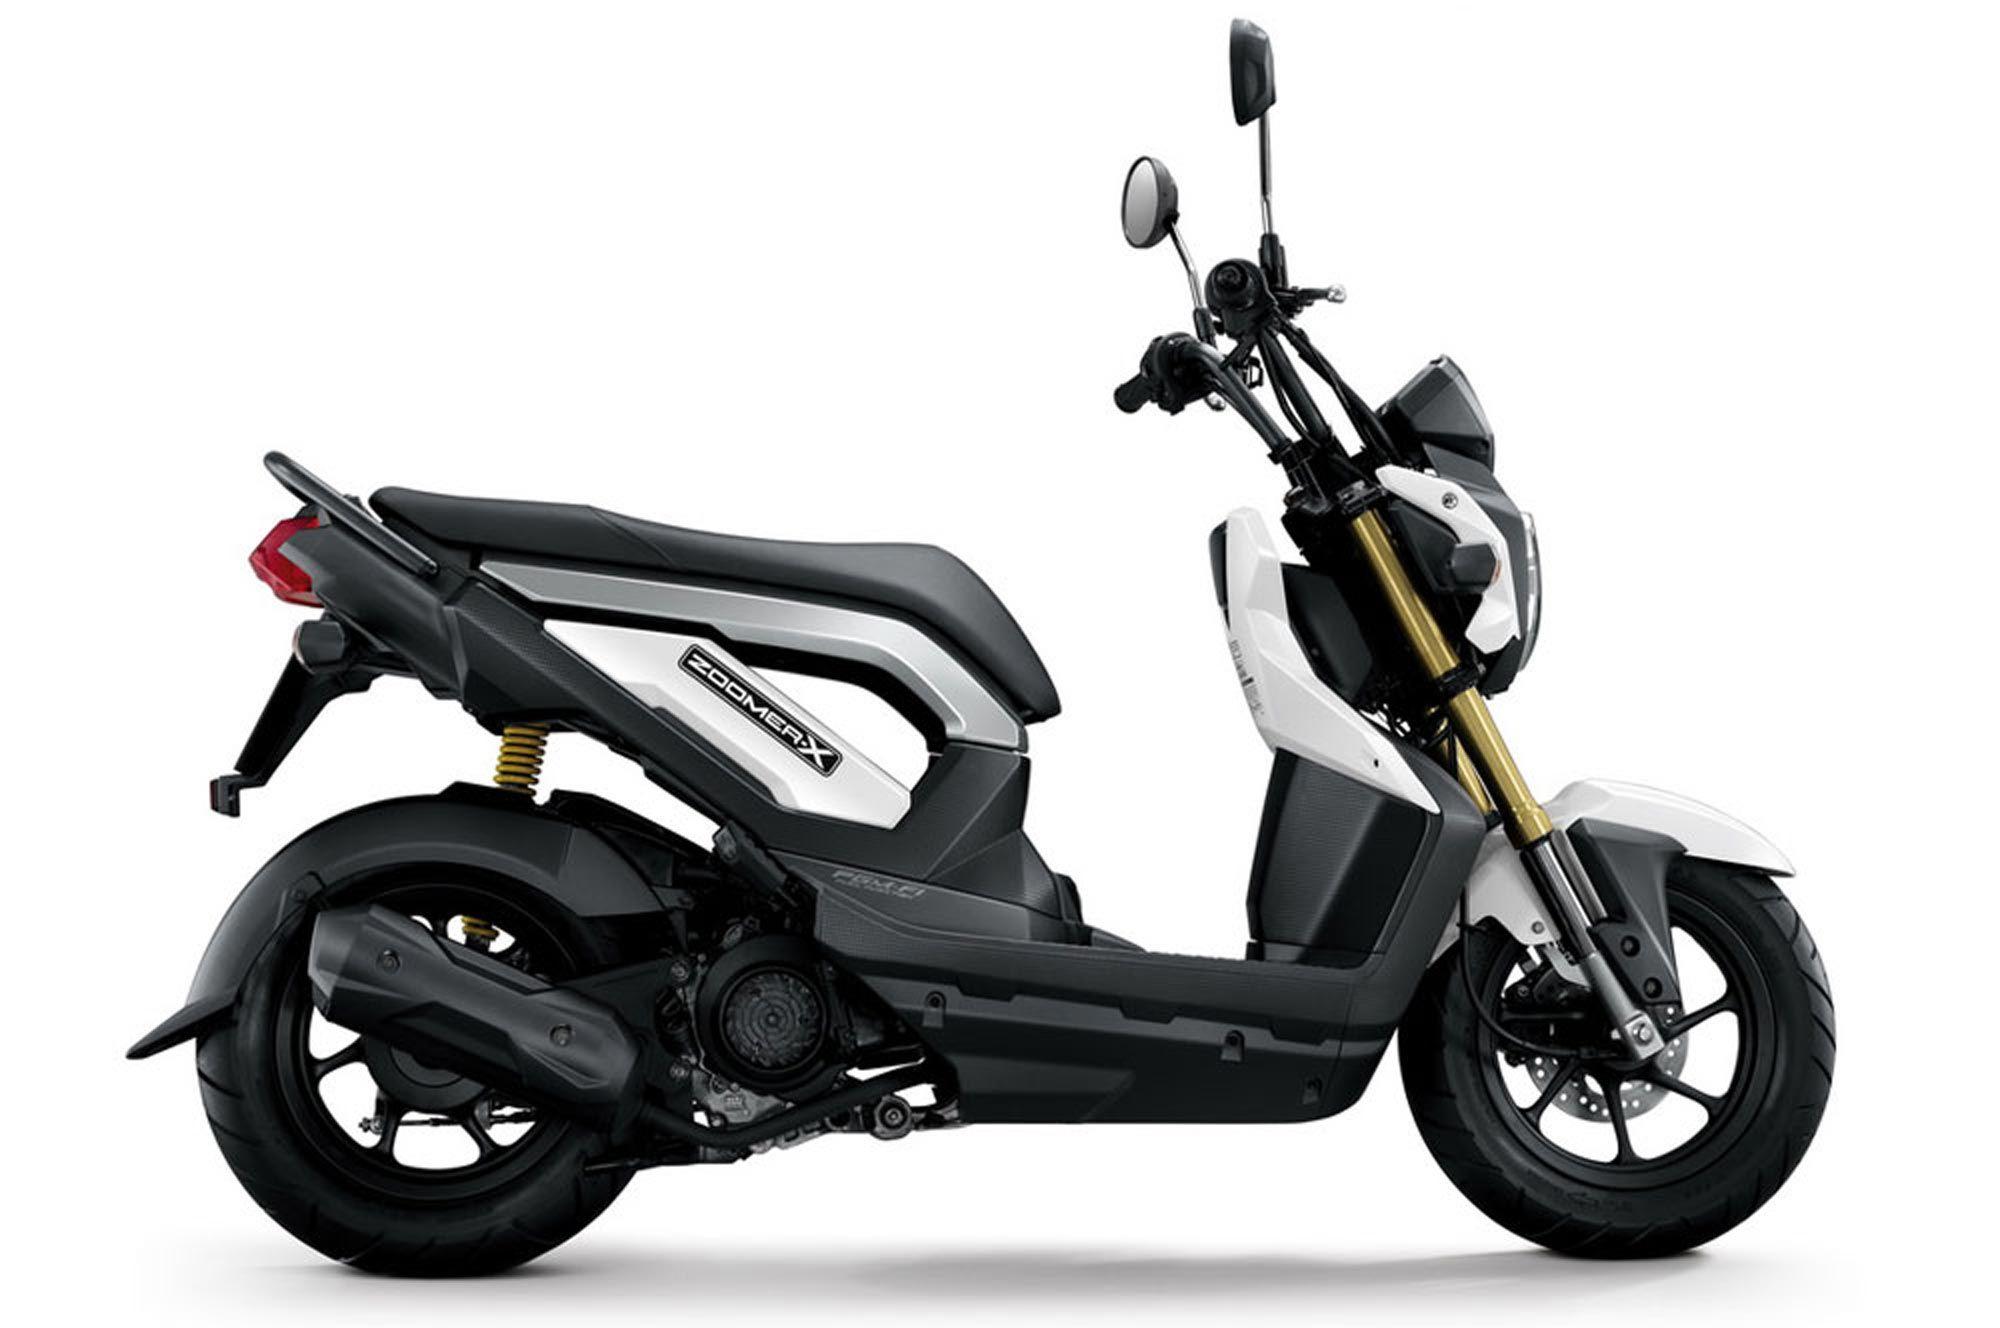 2013 Honda Zoomer X Thailand Review And Modification 2013 Honda Honda Motorcycle